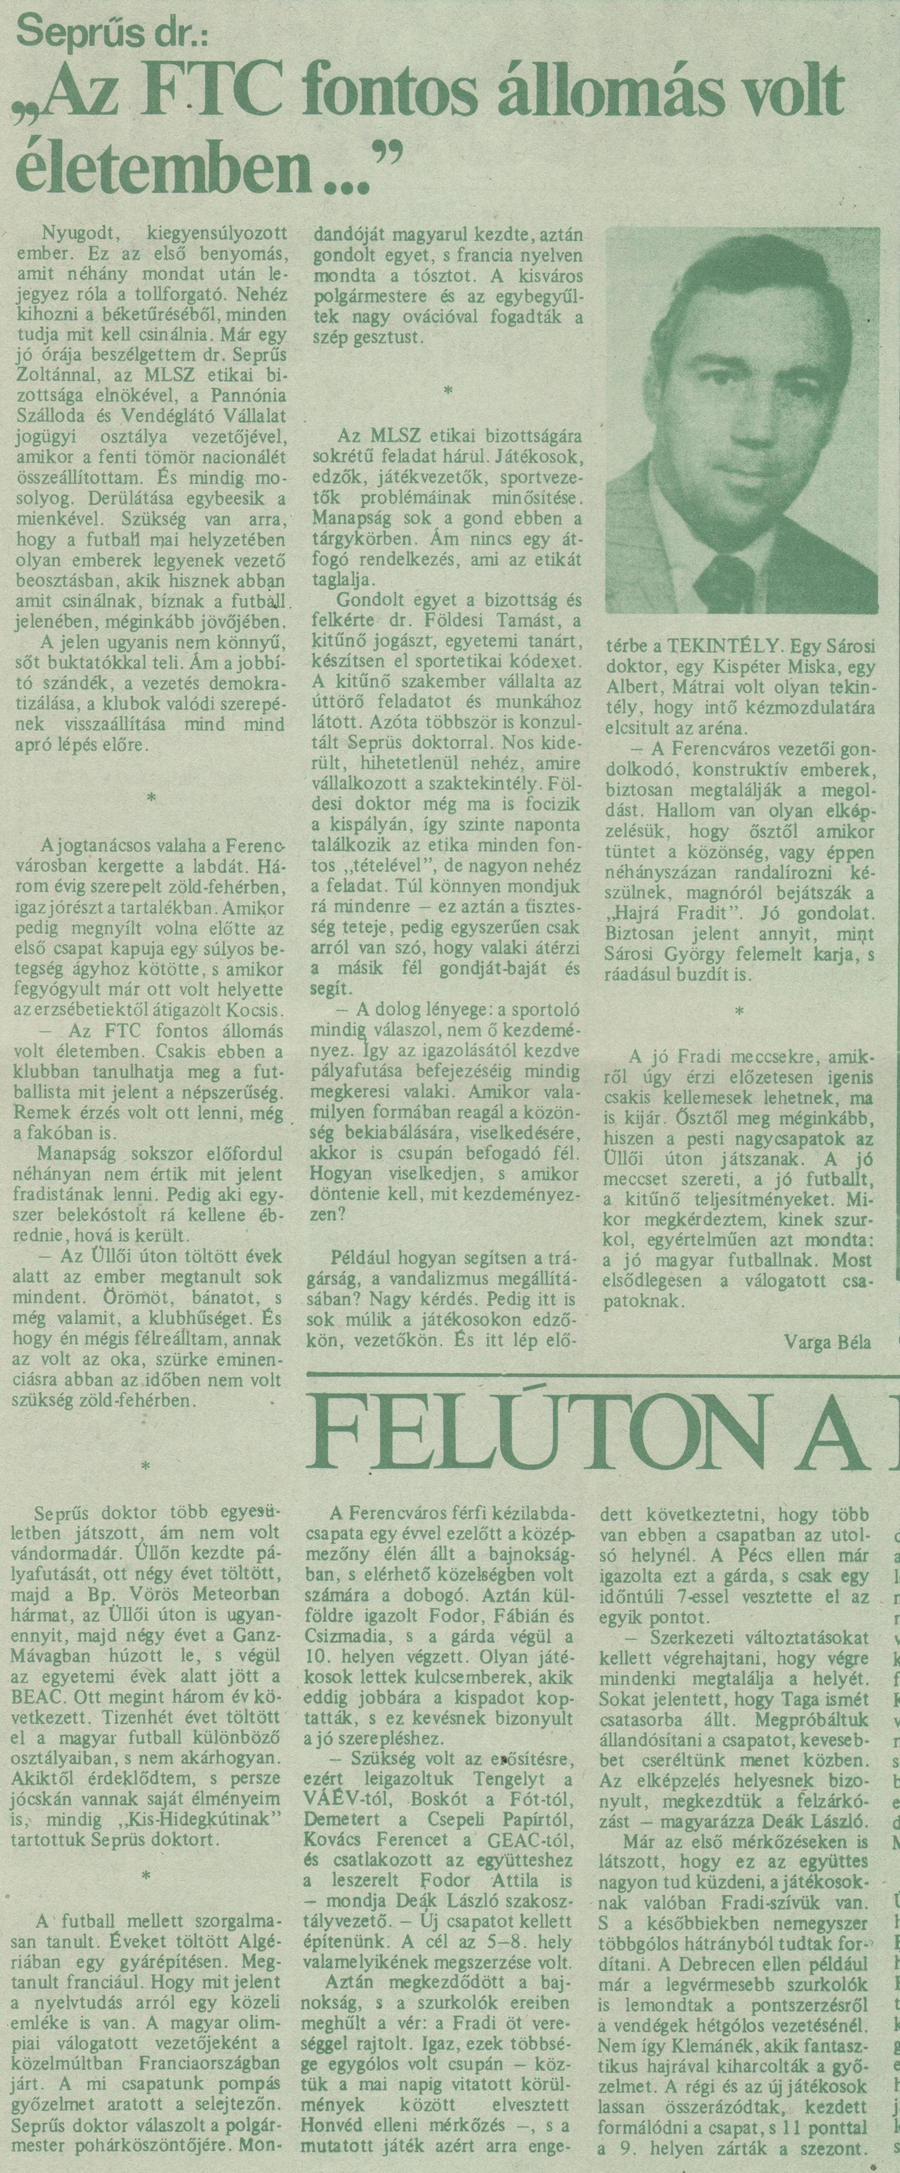 TFU_19870606_Fml_000 - 0002